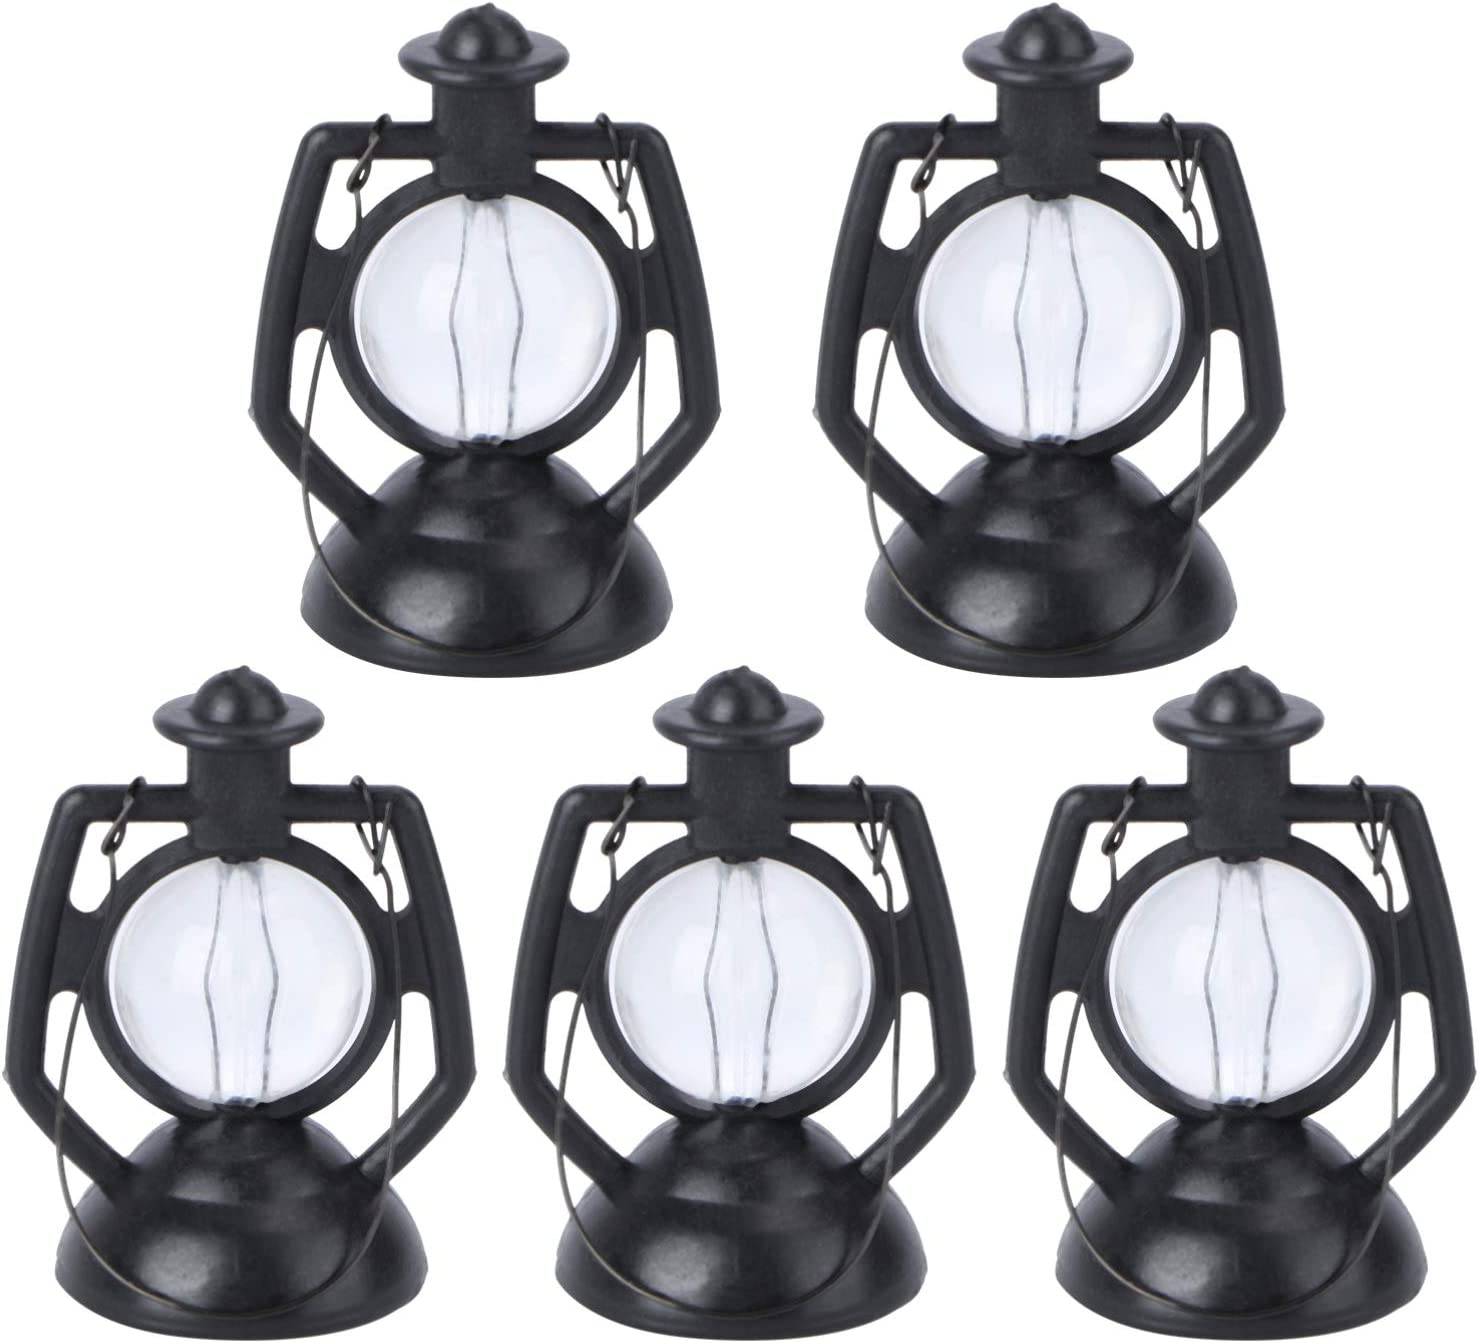 Kisangel 5pcs Dollhouse Miniature Lantern Mini Kerosene Lamp Light Dollhouse Miniature Decor Accessories (Black)